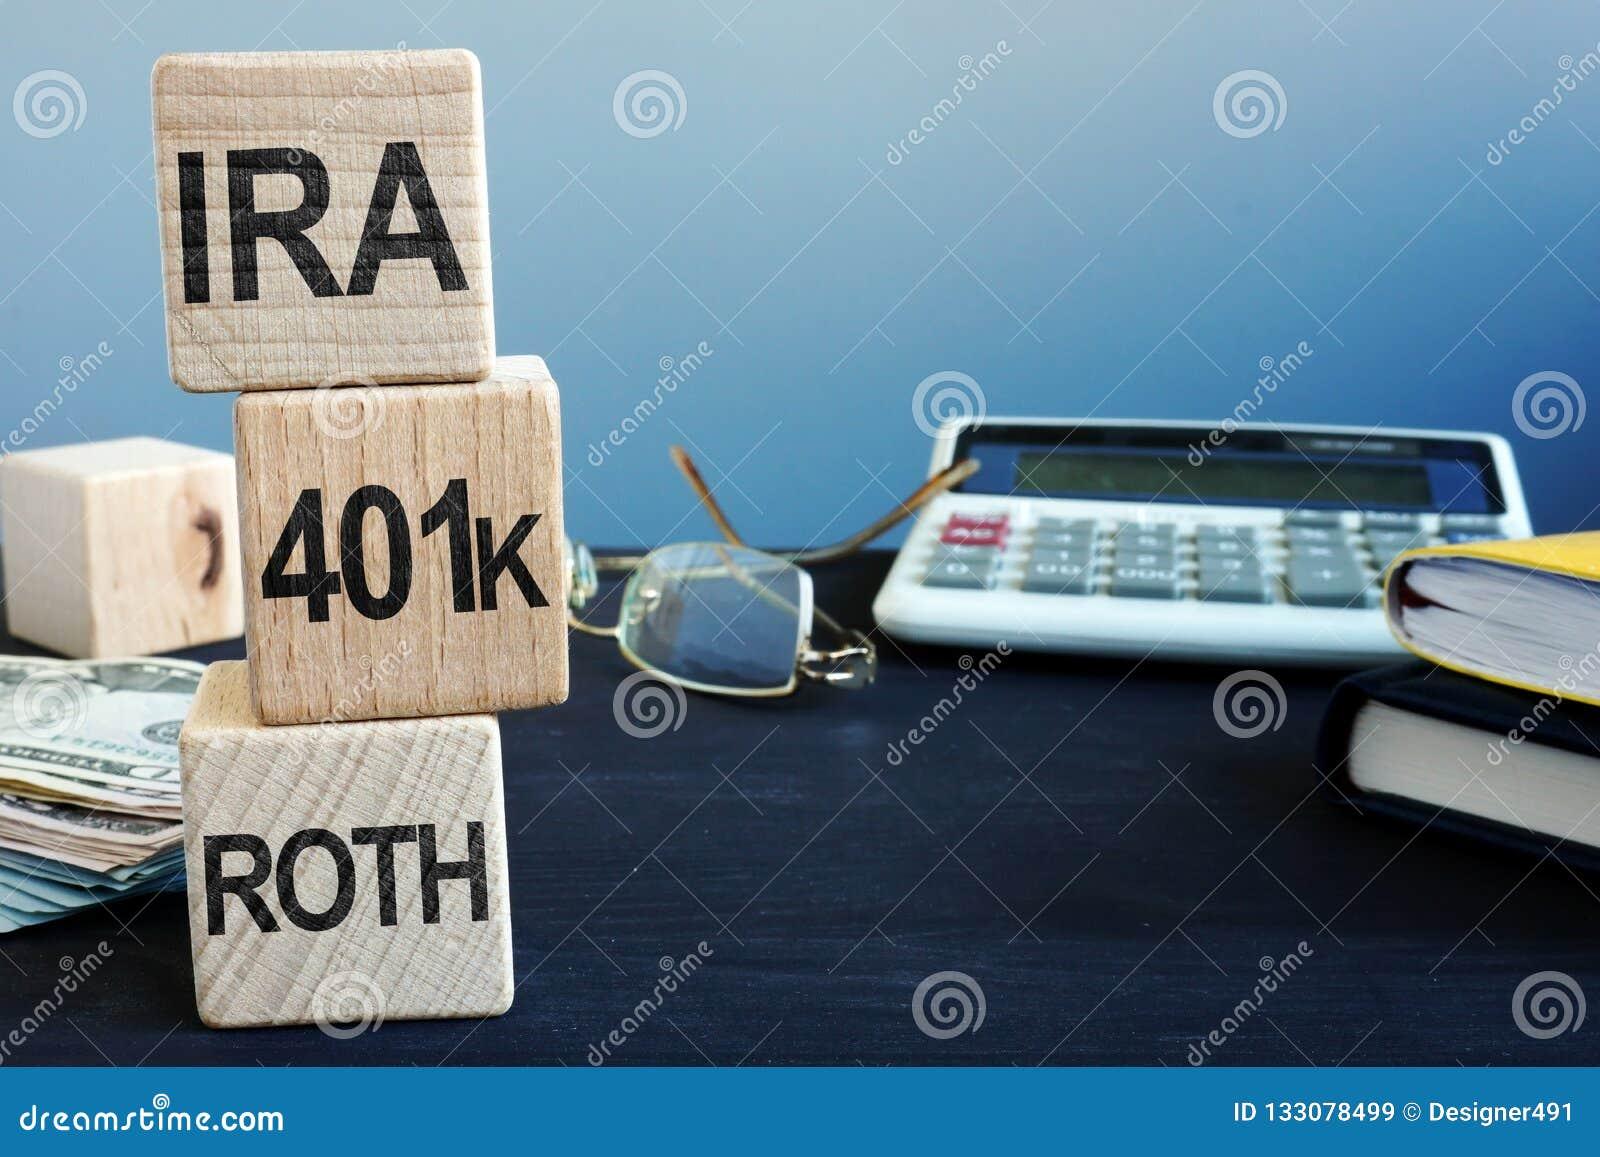 Κύβοι με τις λέξεις IRA, 401k και ROTH Σχέδιο αποχώρησης